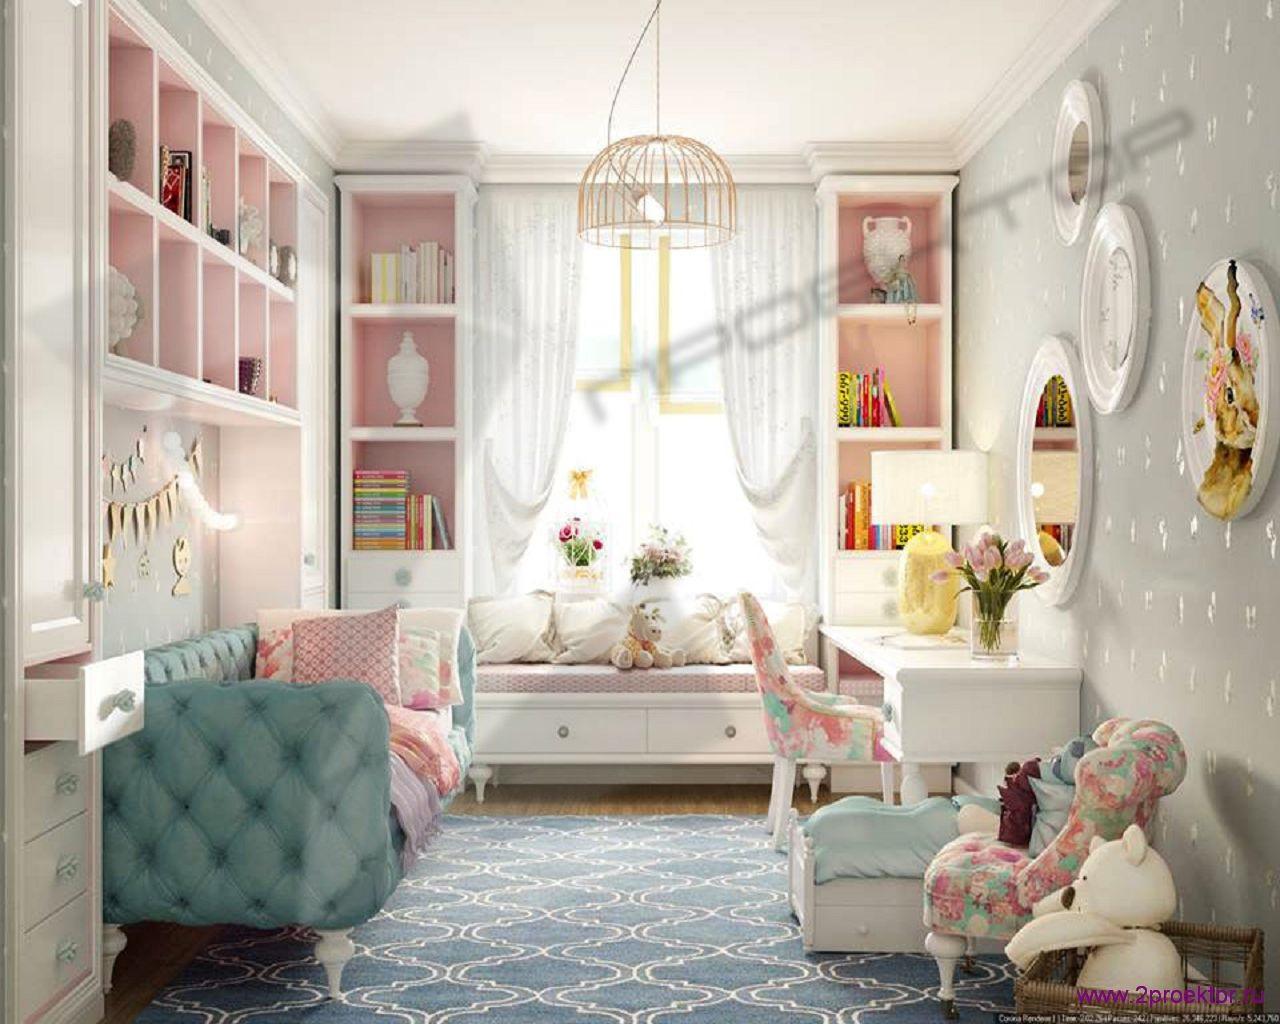 Дизайн комнаты для девочки в нежных тонах в Жилом комплексе Солнечный берег.